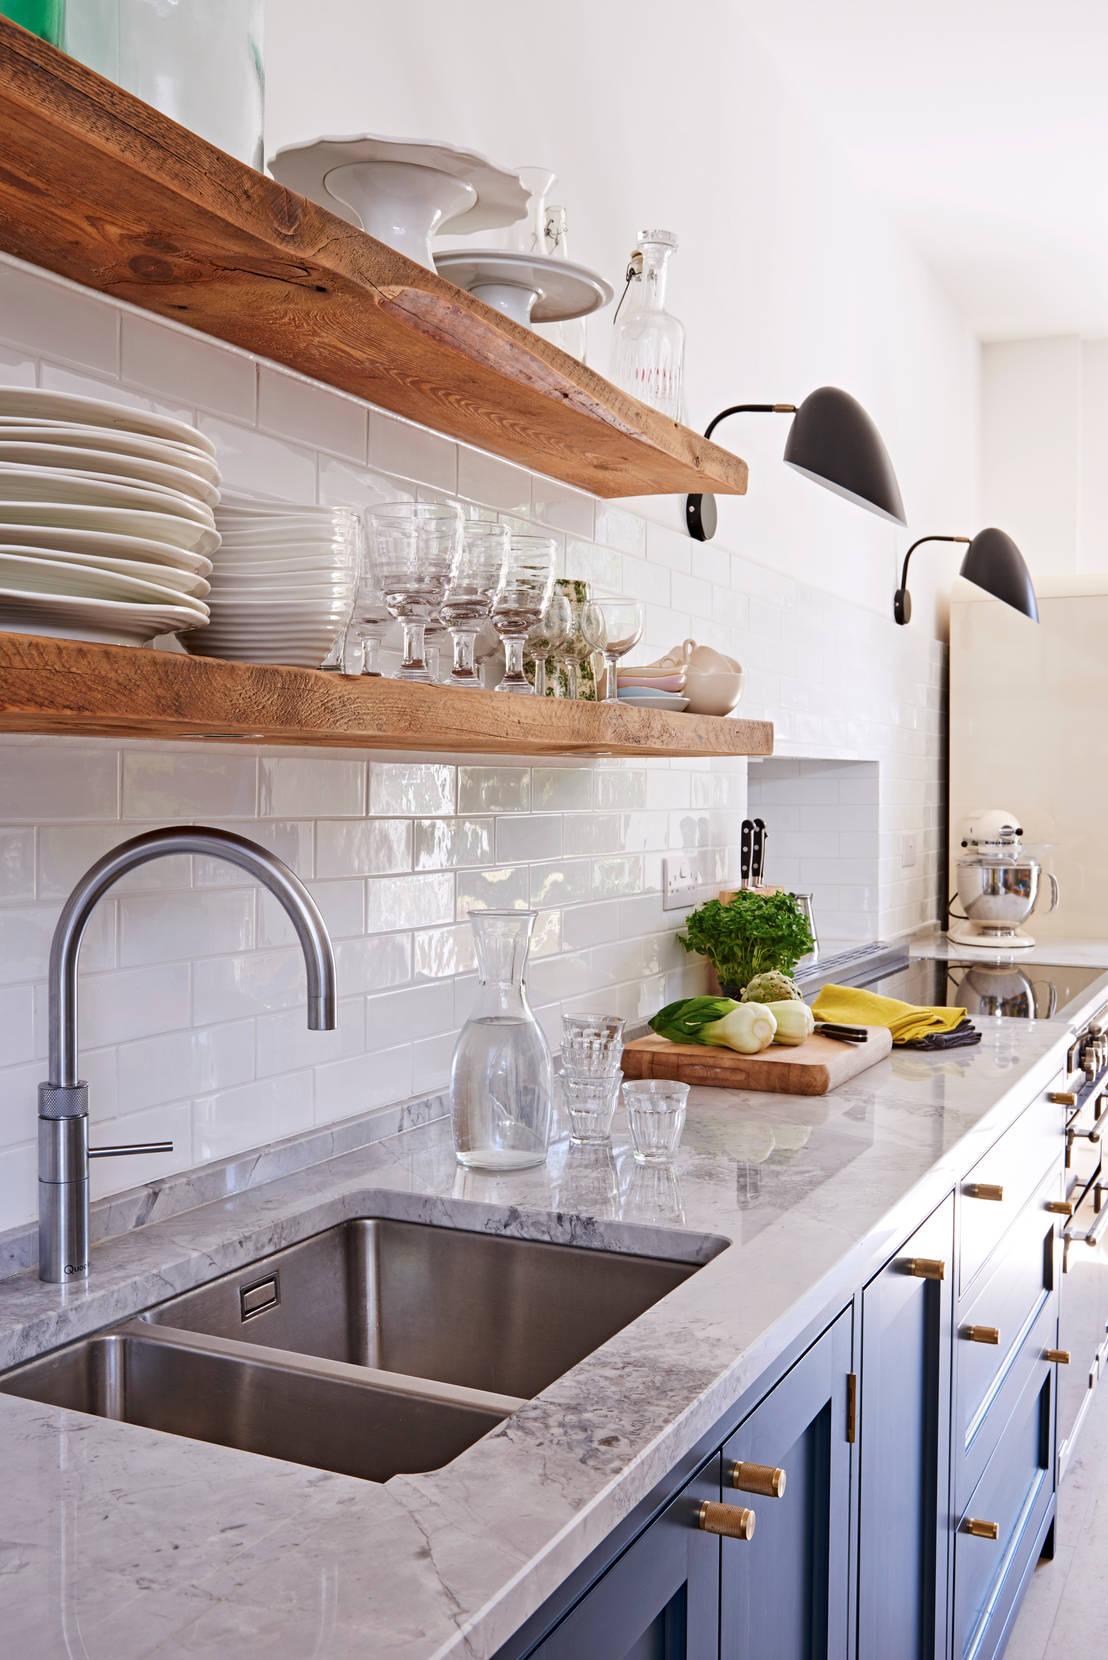 C mo limpiar la cocina como un experto en menos de 2 - Como limpiar baldosas cocina ...